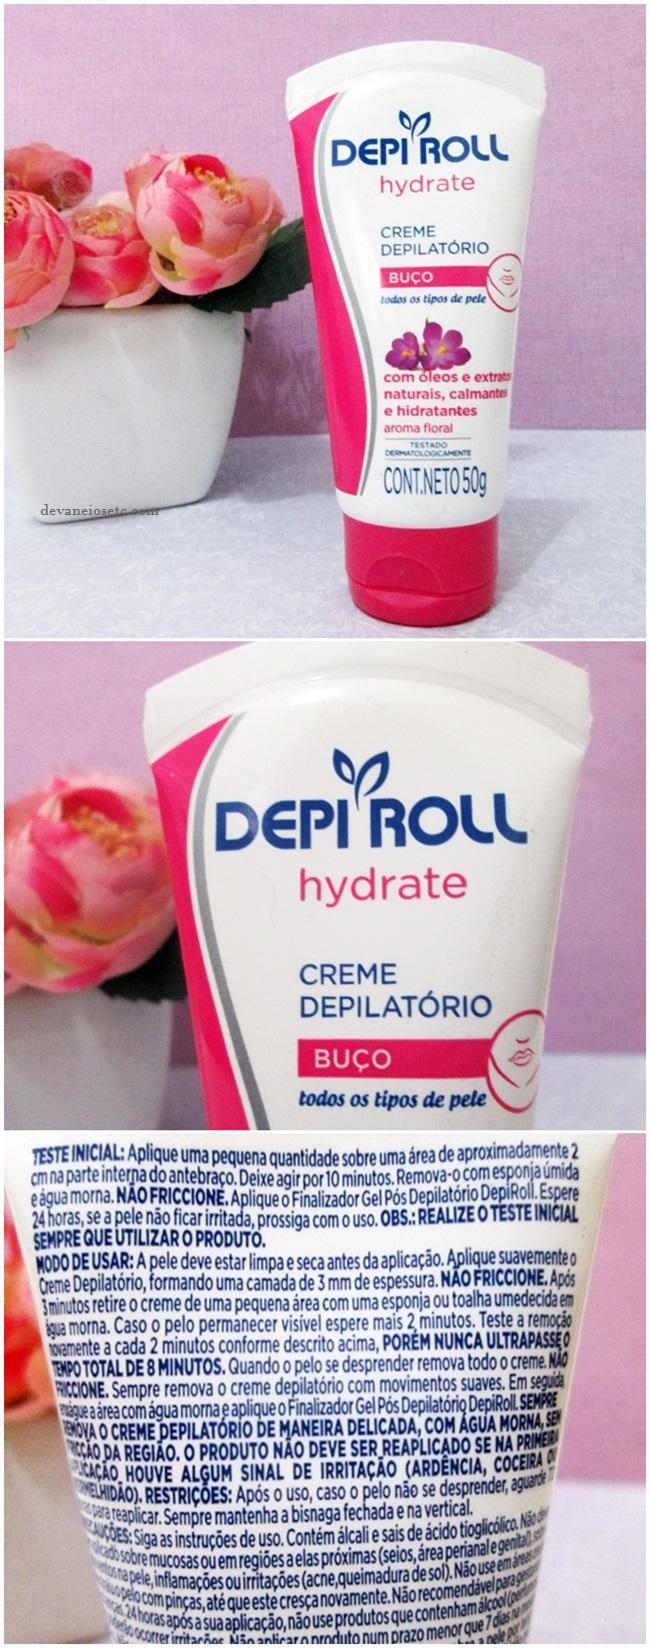 Creme Depilatório Buço Hydrate da DEPI ROLL